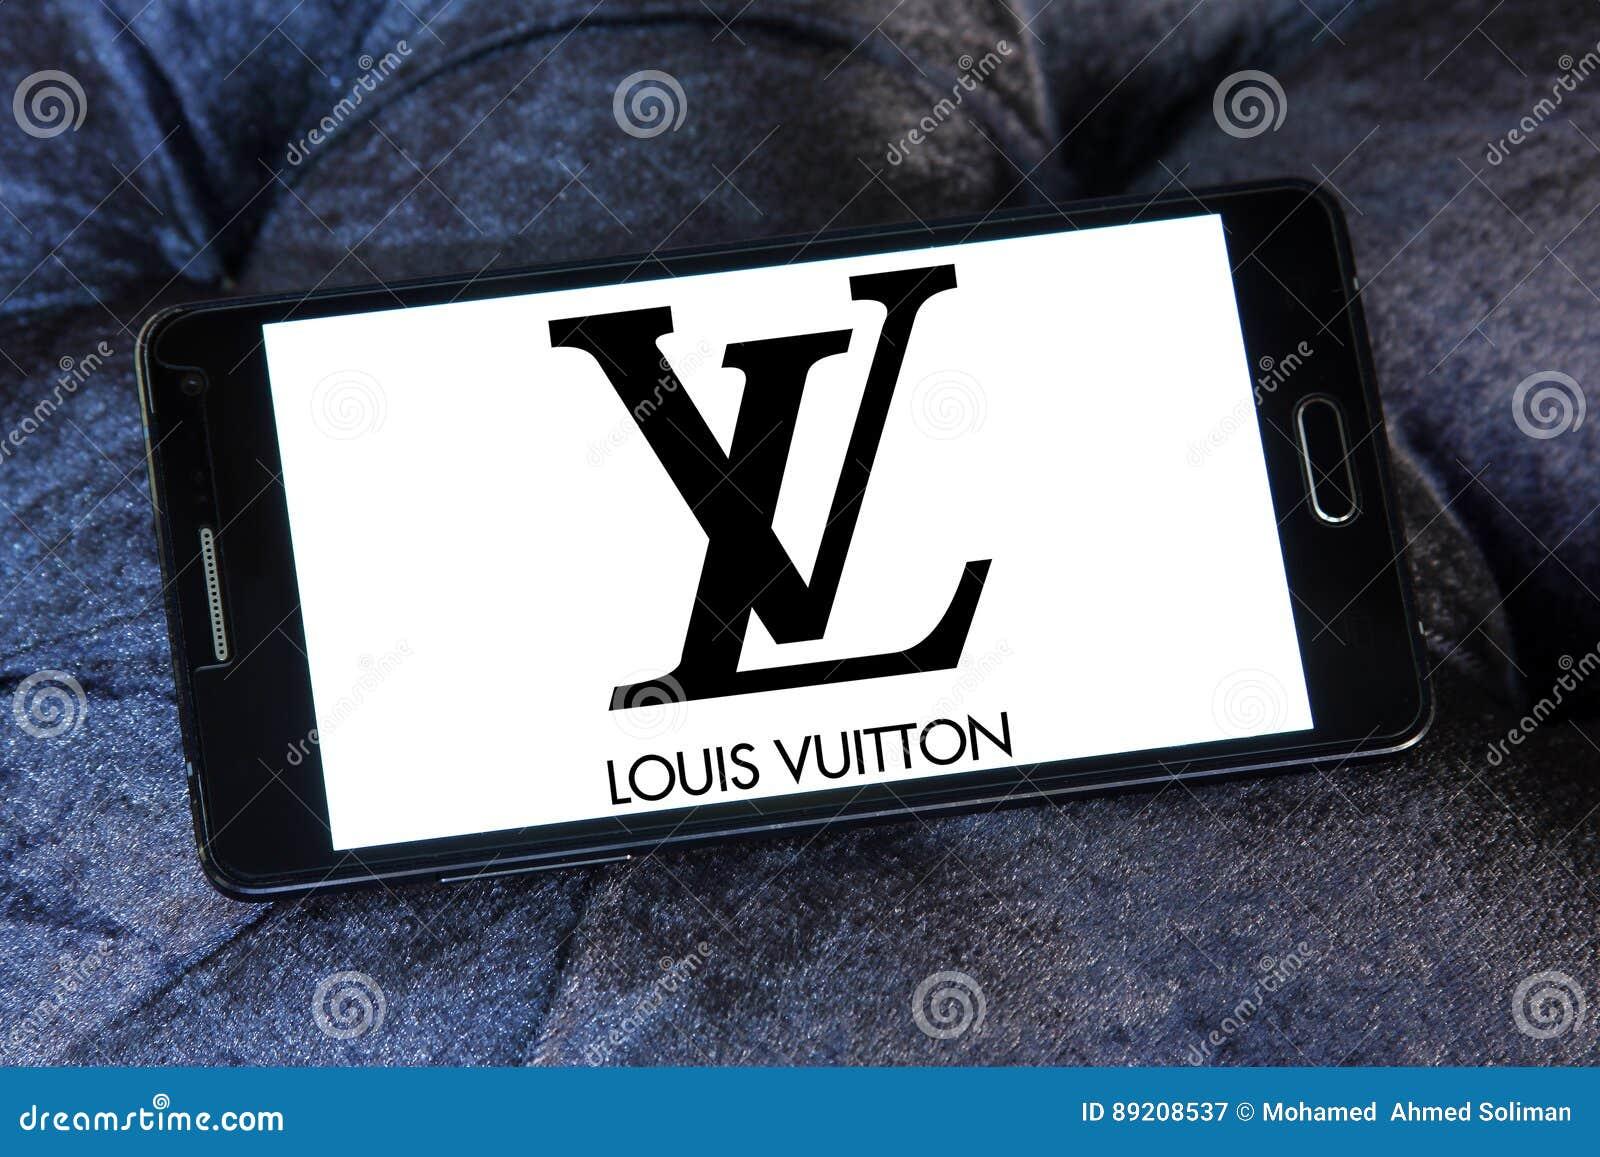 5690f2900d802 Louis Vuitton-Zeichen redaktionelles stockfotografie. Bild von ...